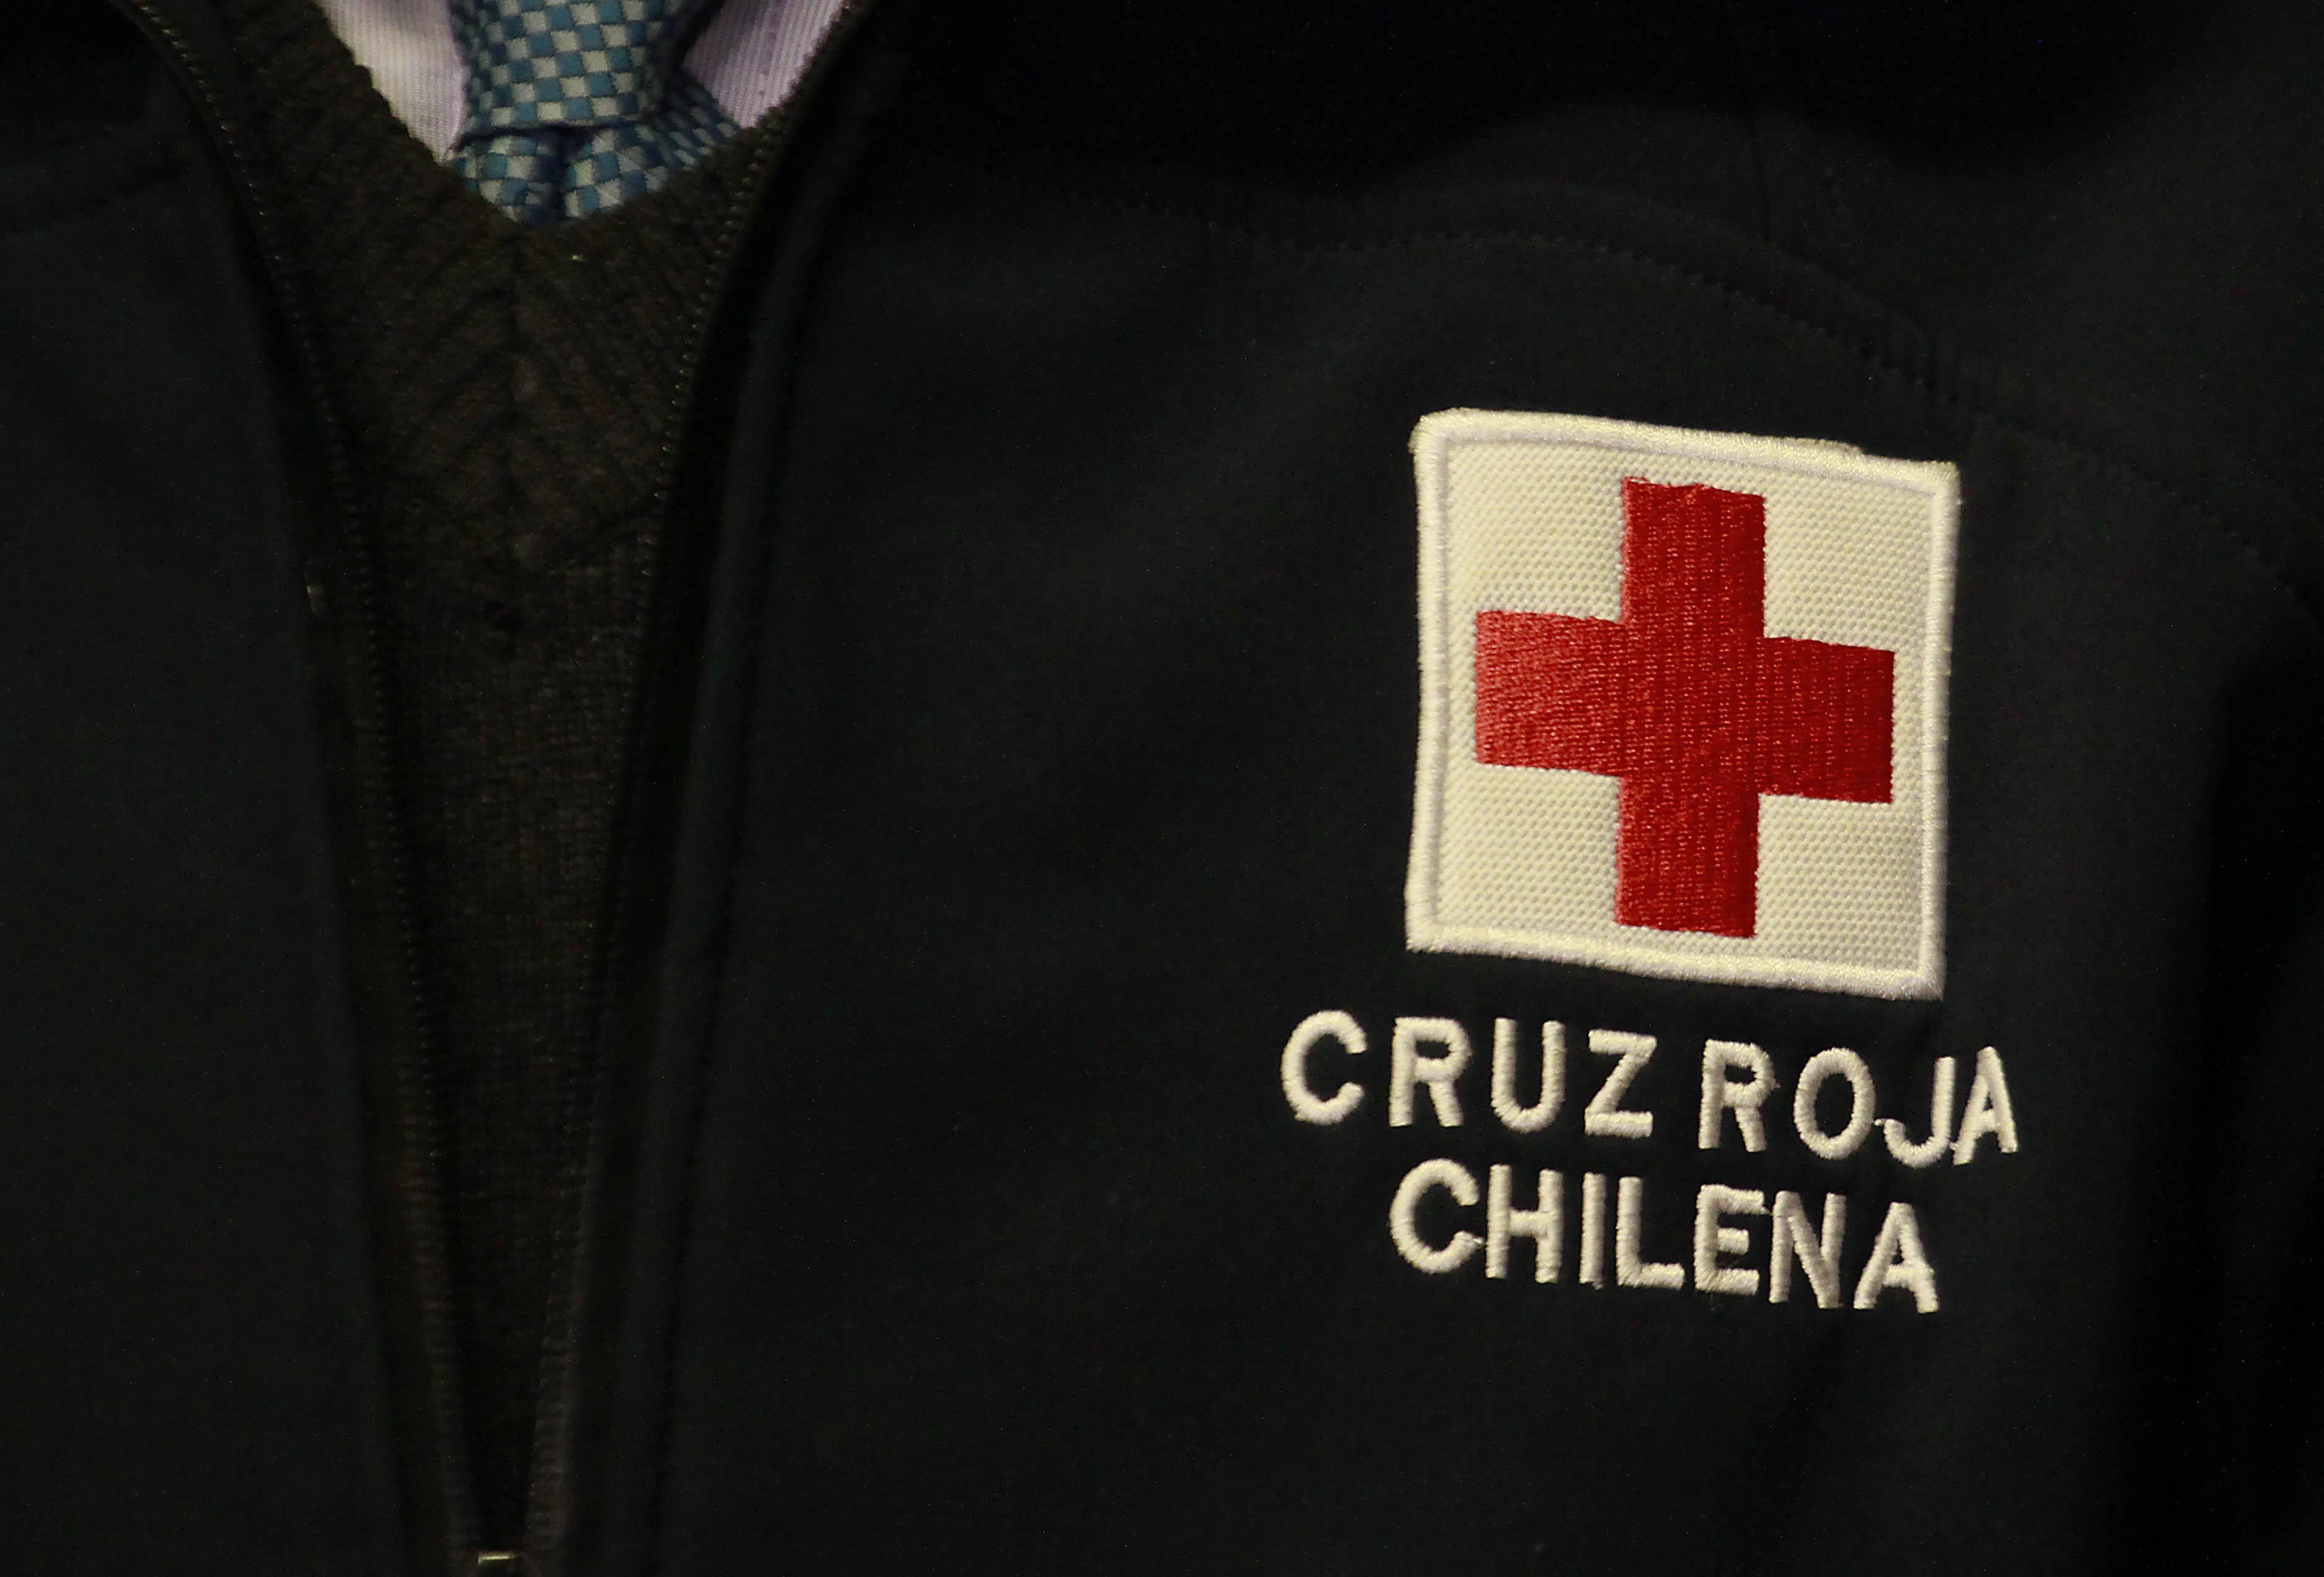 Auditoría detecta desvíos de dineros e irregularidades financieras en la Cruz Roja chilena